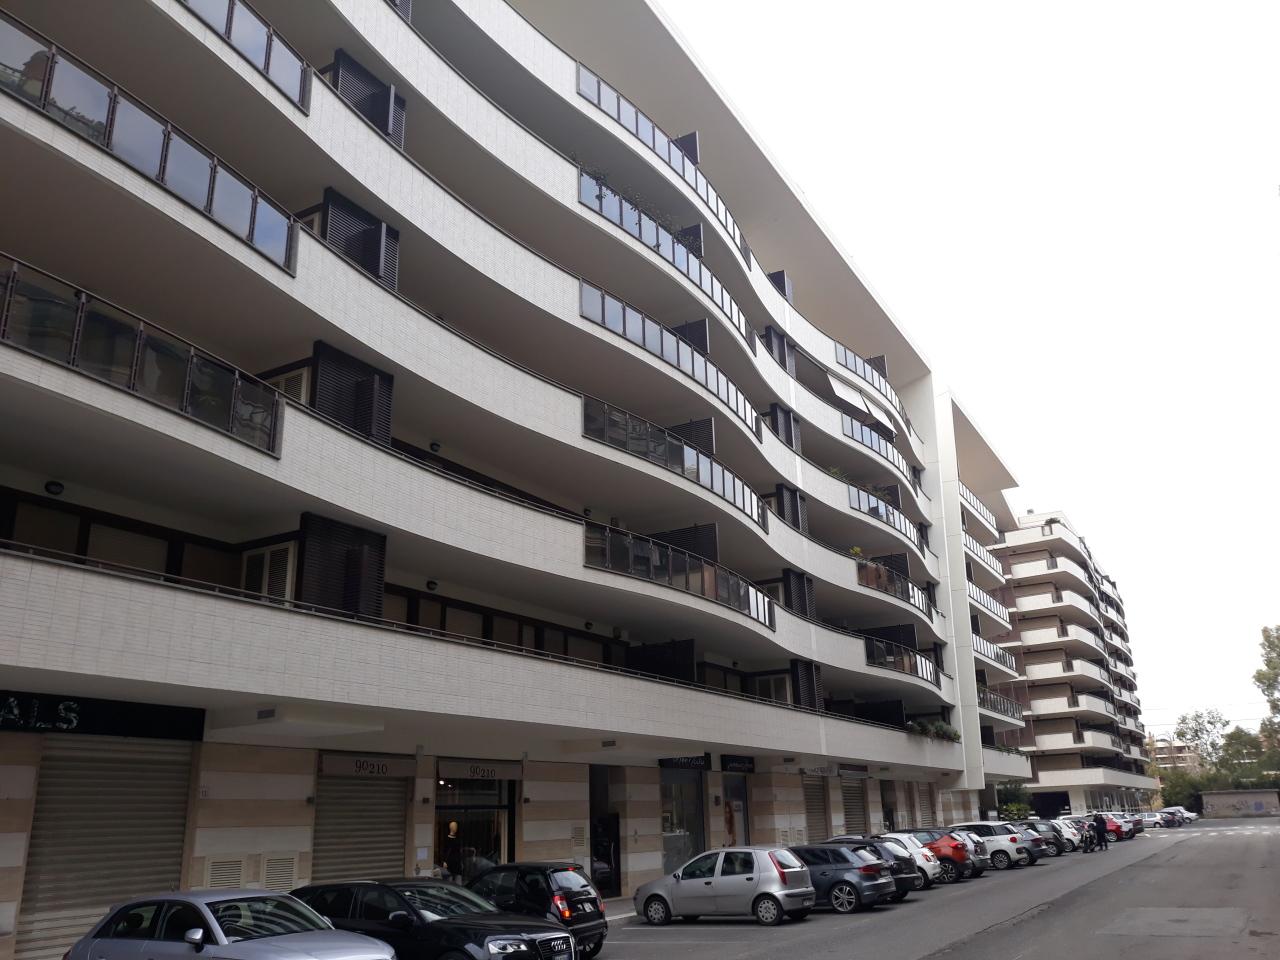 Locale commerciale - 2 Vetrine a Roma Rif. 8463600